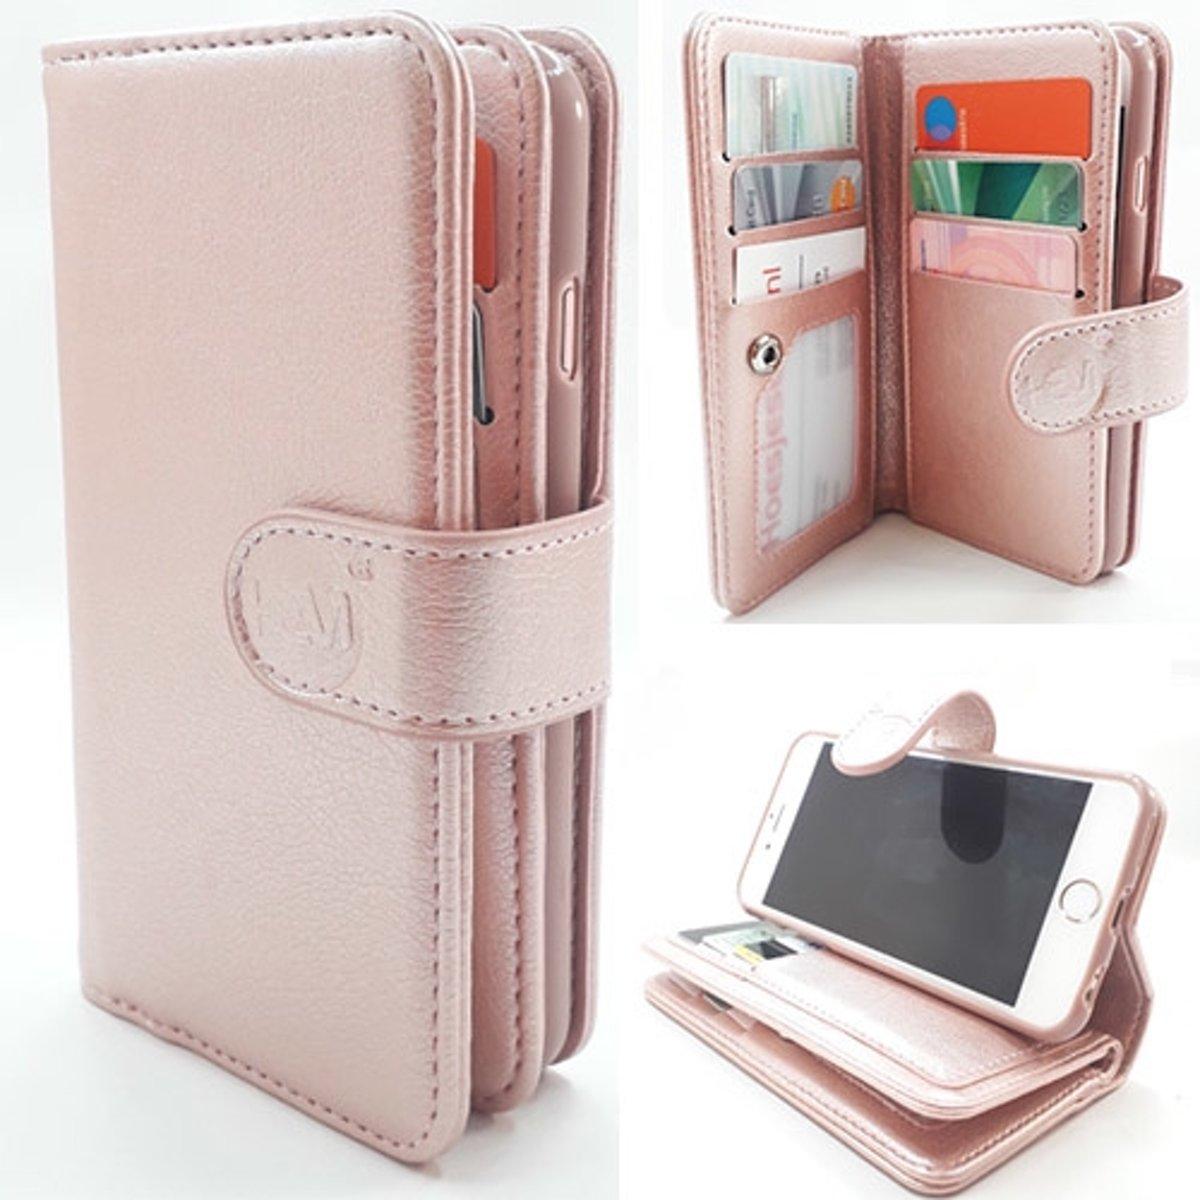 HEM Samsung Galaxy A5 2017 A520 Rose Gold Leren Rits Portemonnee Hoesje Lederen Wallet Case TPU meegekleurde binnenkant Book Case Flip Cover